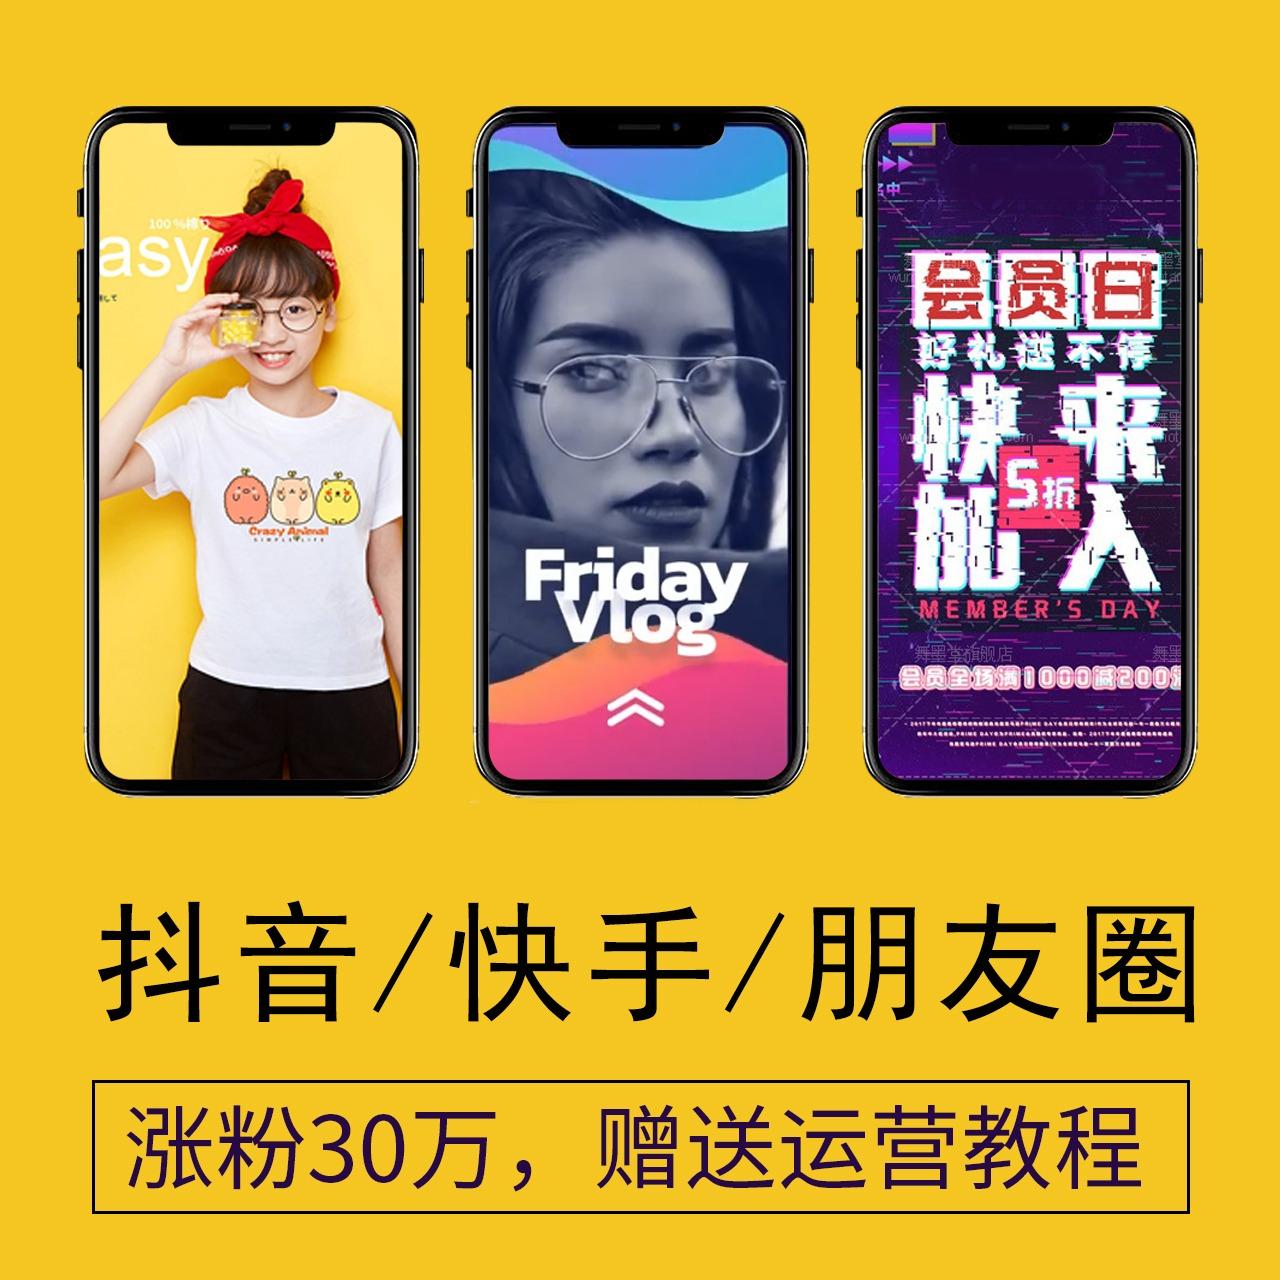 四川抖音快手火山小视频朋友圈视频营销视频专业设备拍摄制作剪辑